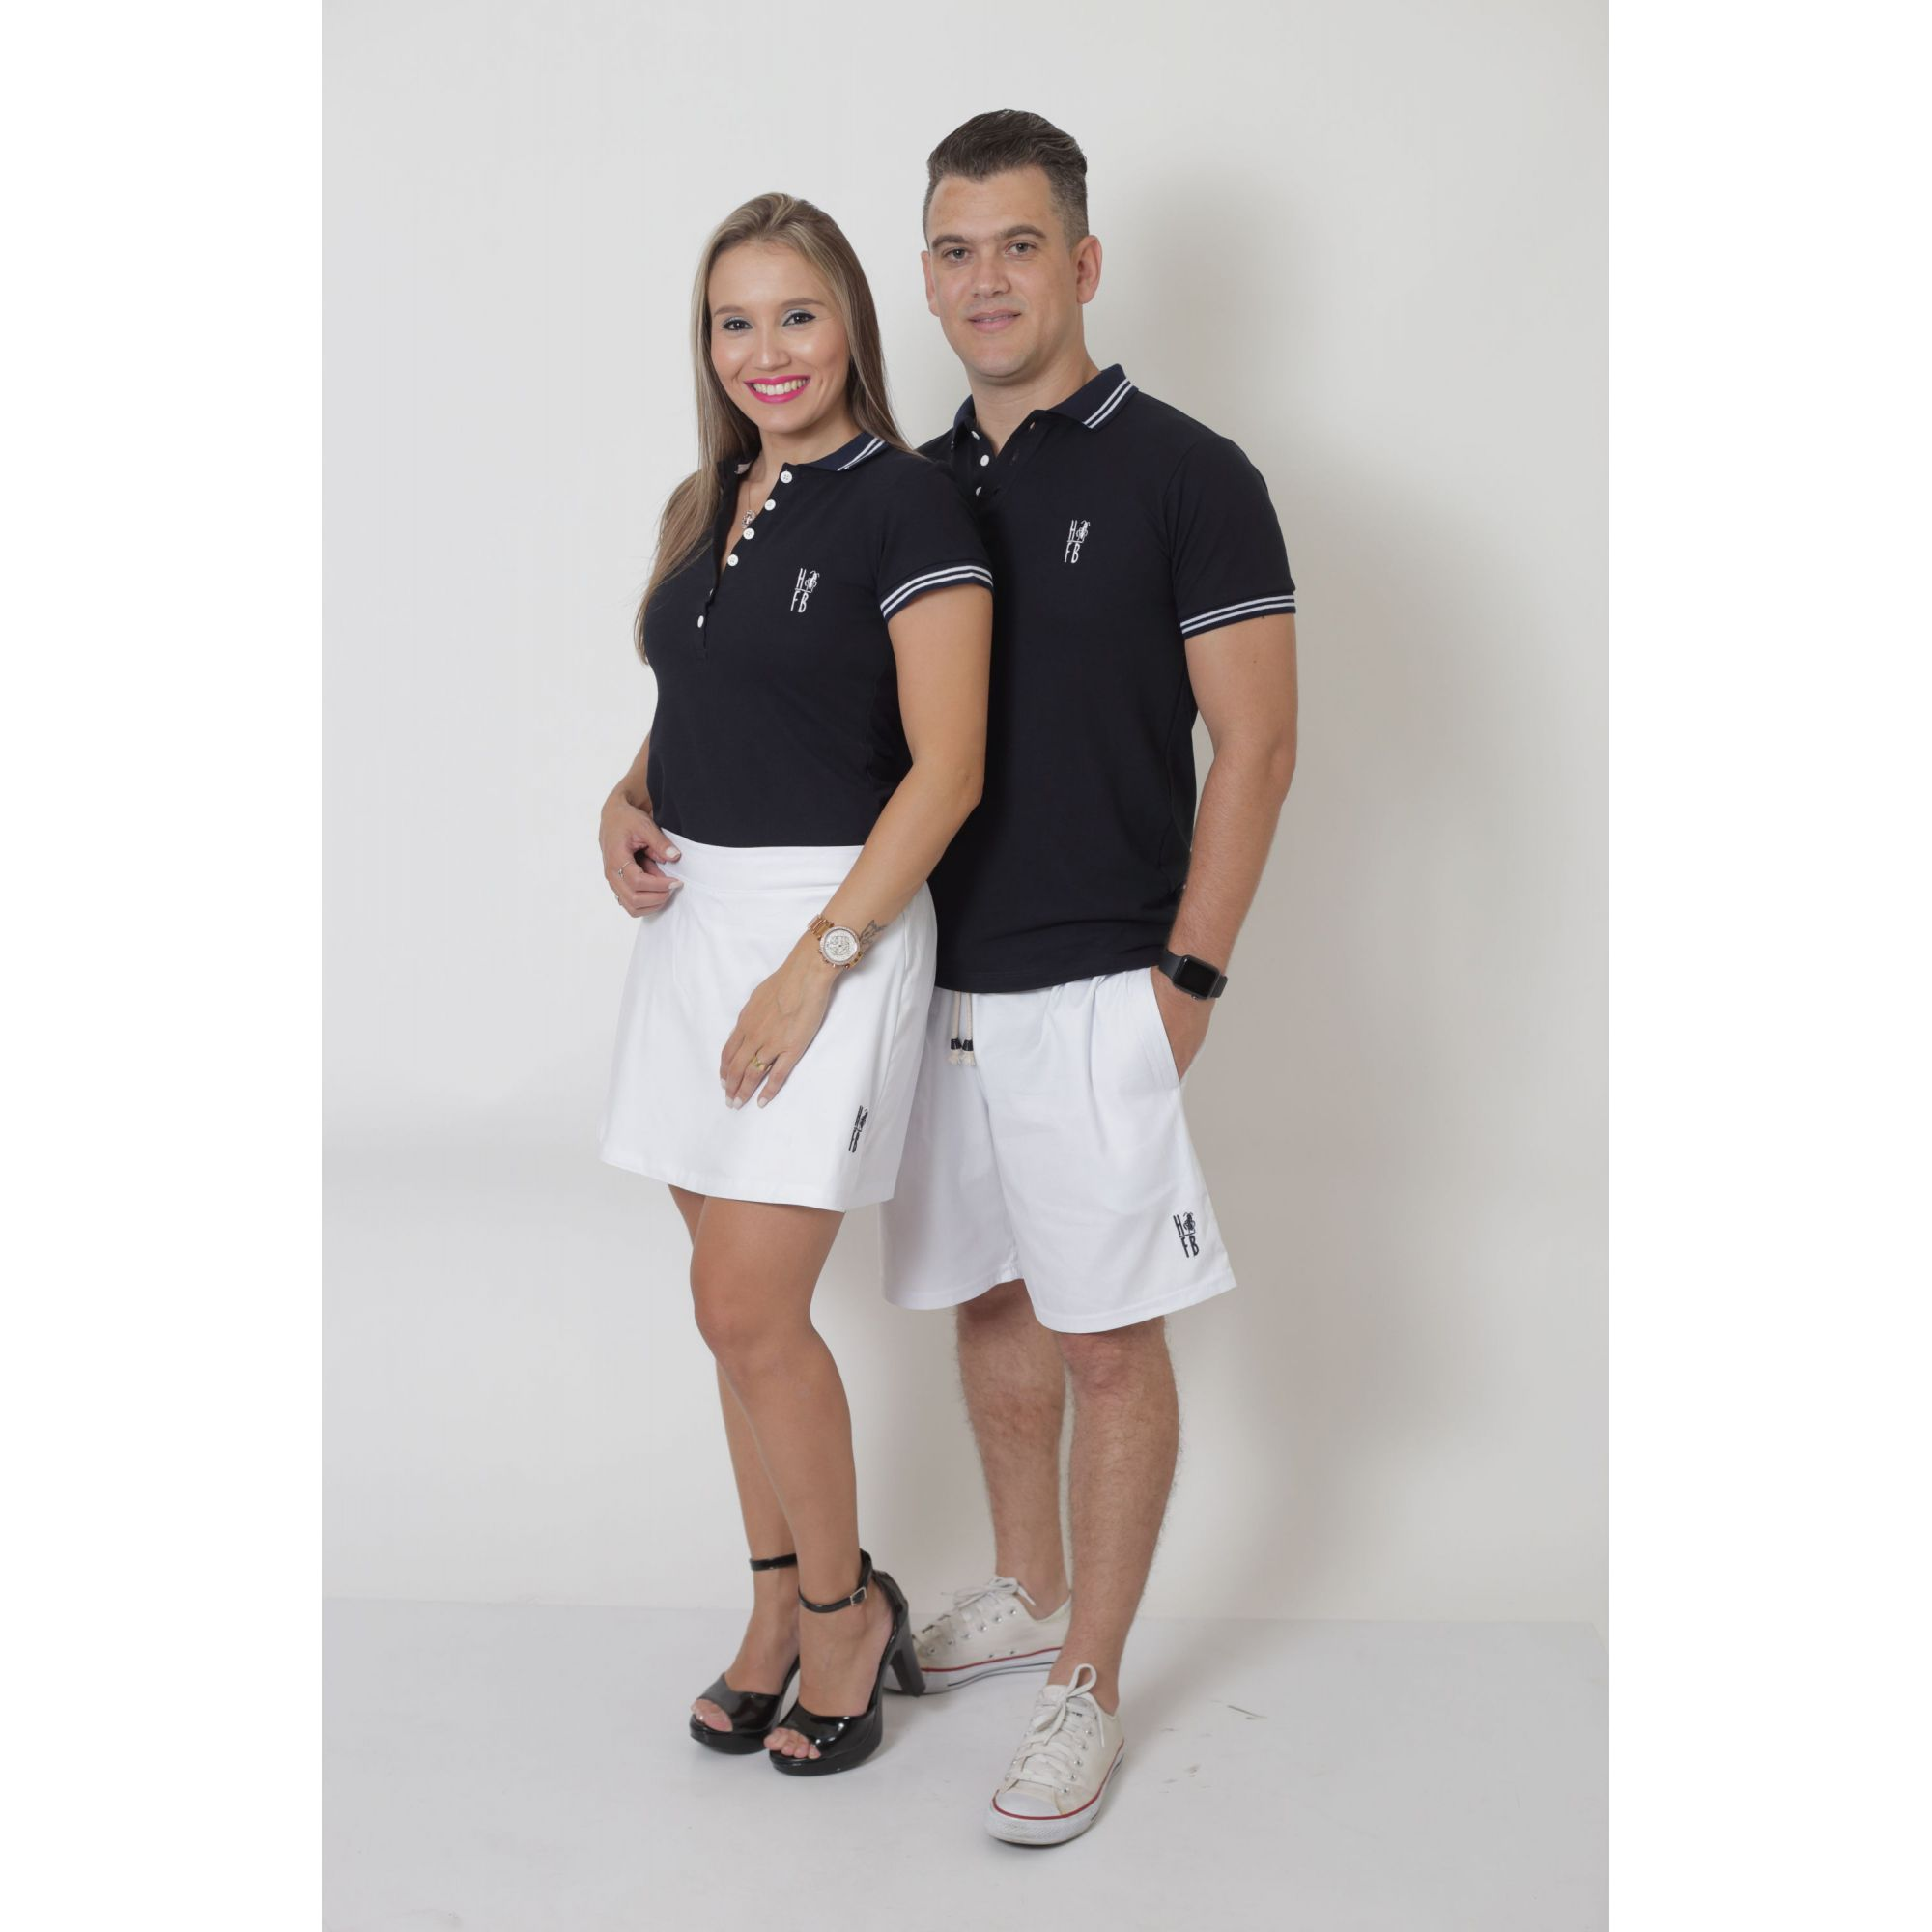 PAIS E FILHOS > Kit - Short Saia + Bermuda Adulta + Bermuda Infantil - Branca [Coleção Família]  - Heitor Fashion Brazil